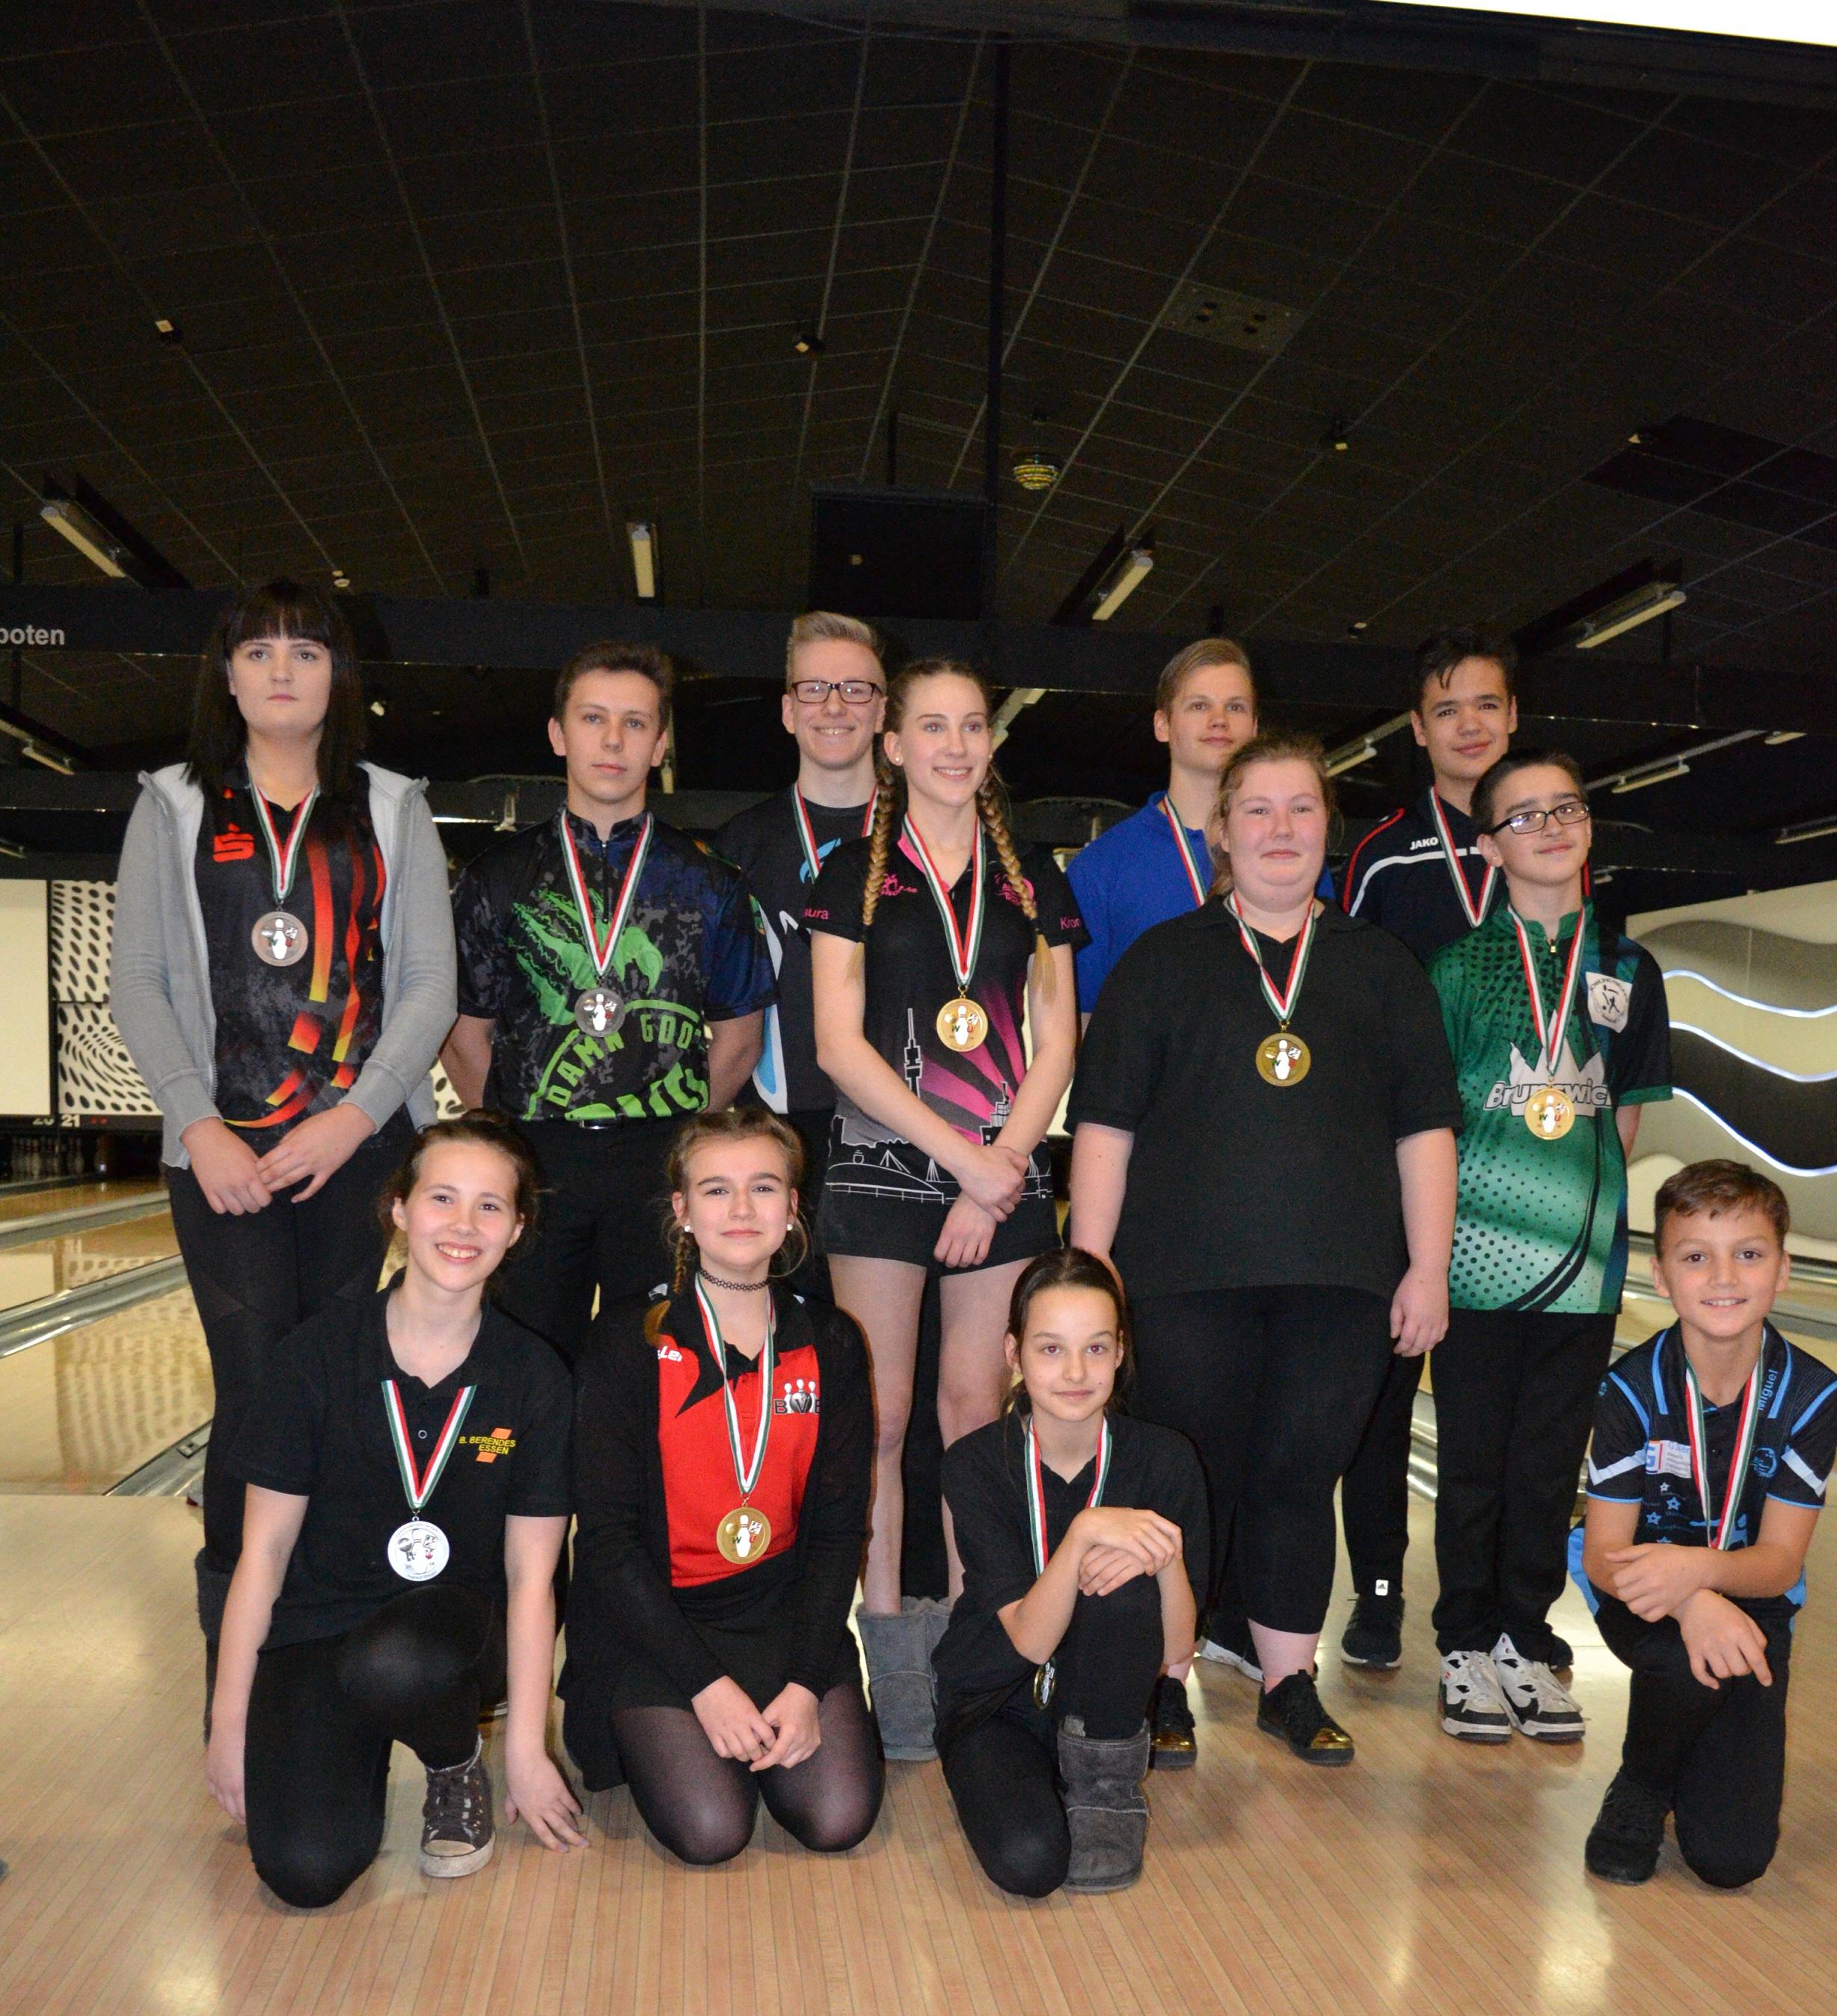 Landesmeisterschaften Jugend Einzel in Münster